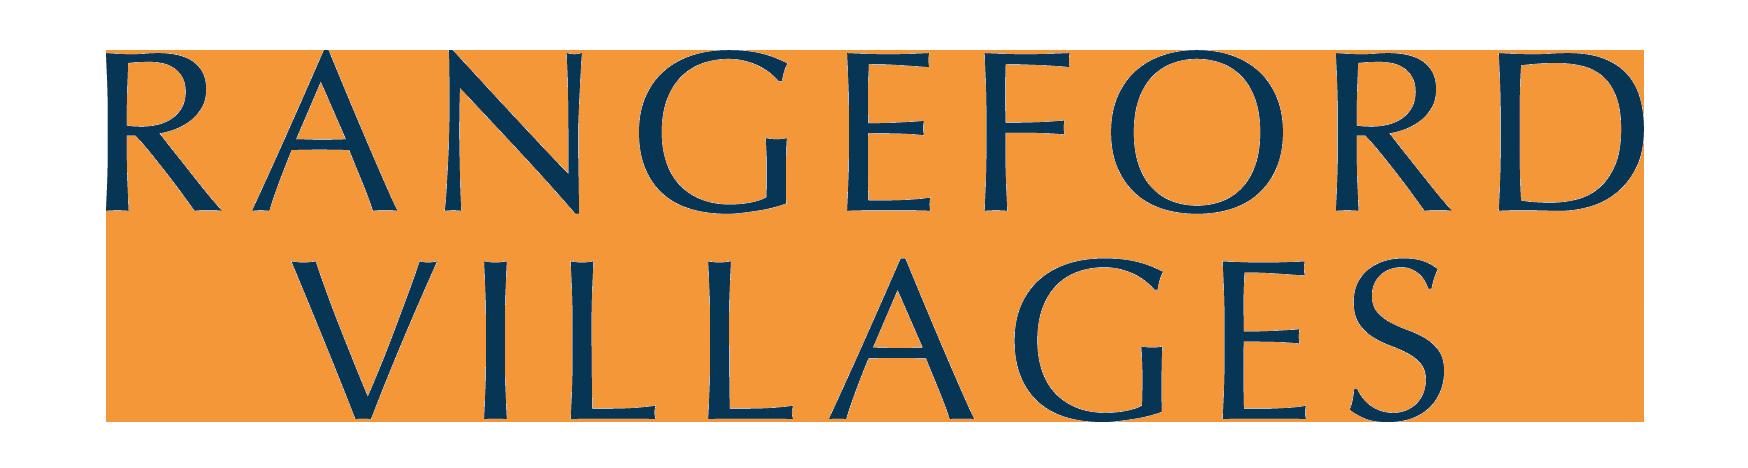 RANGEFORD VILLAGES